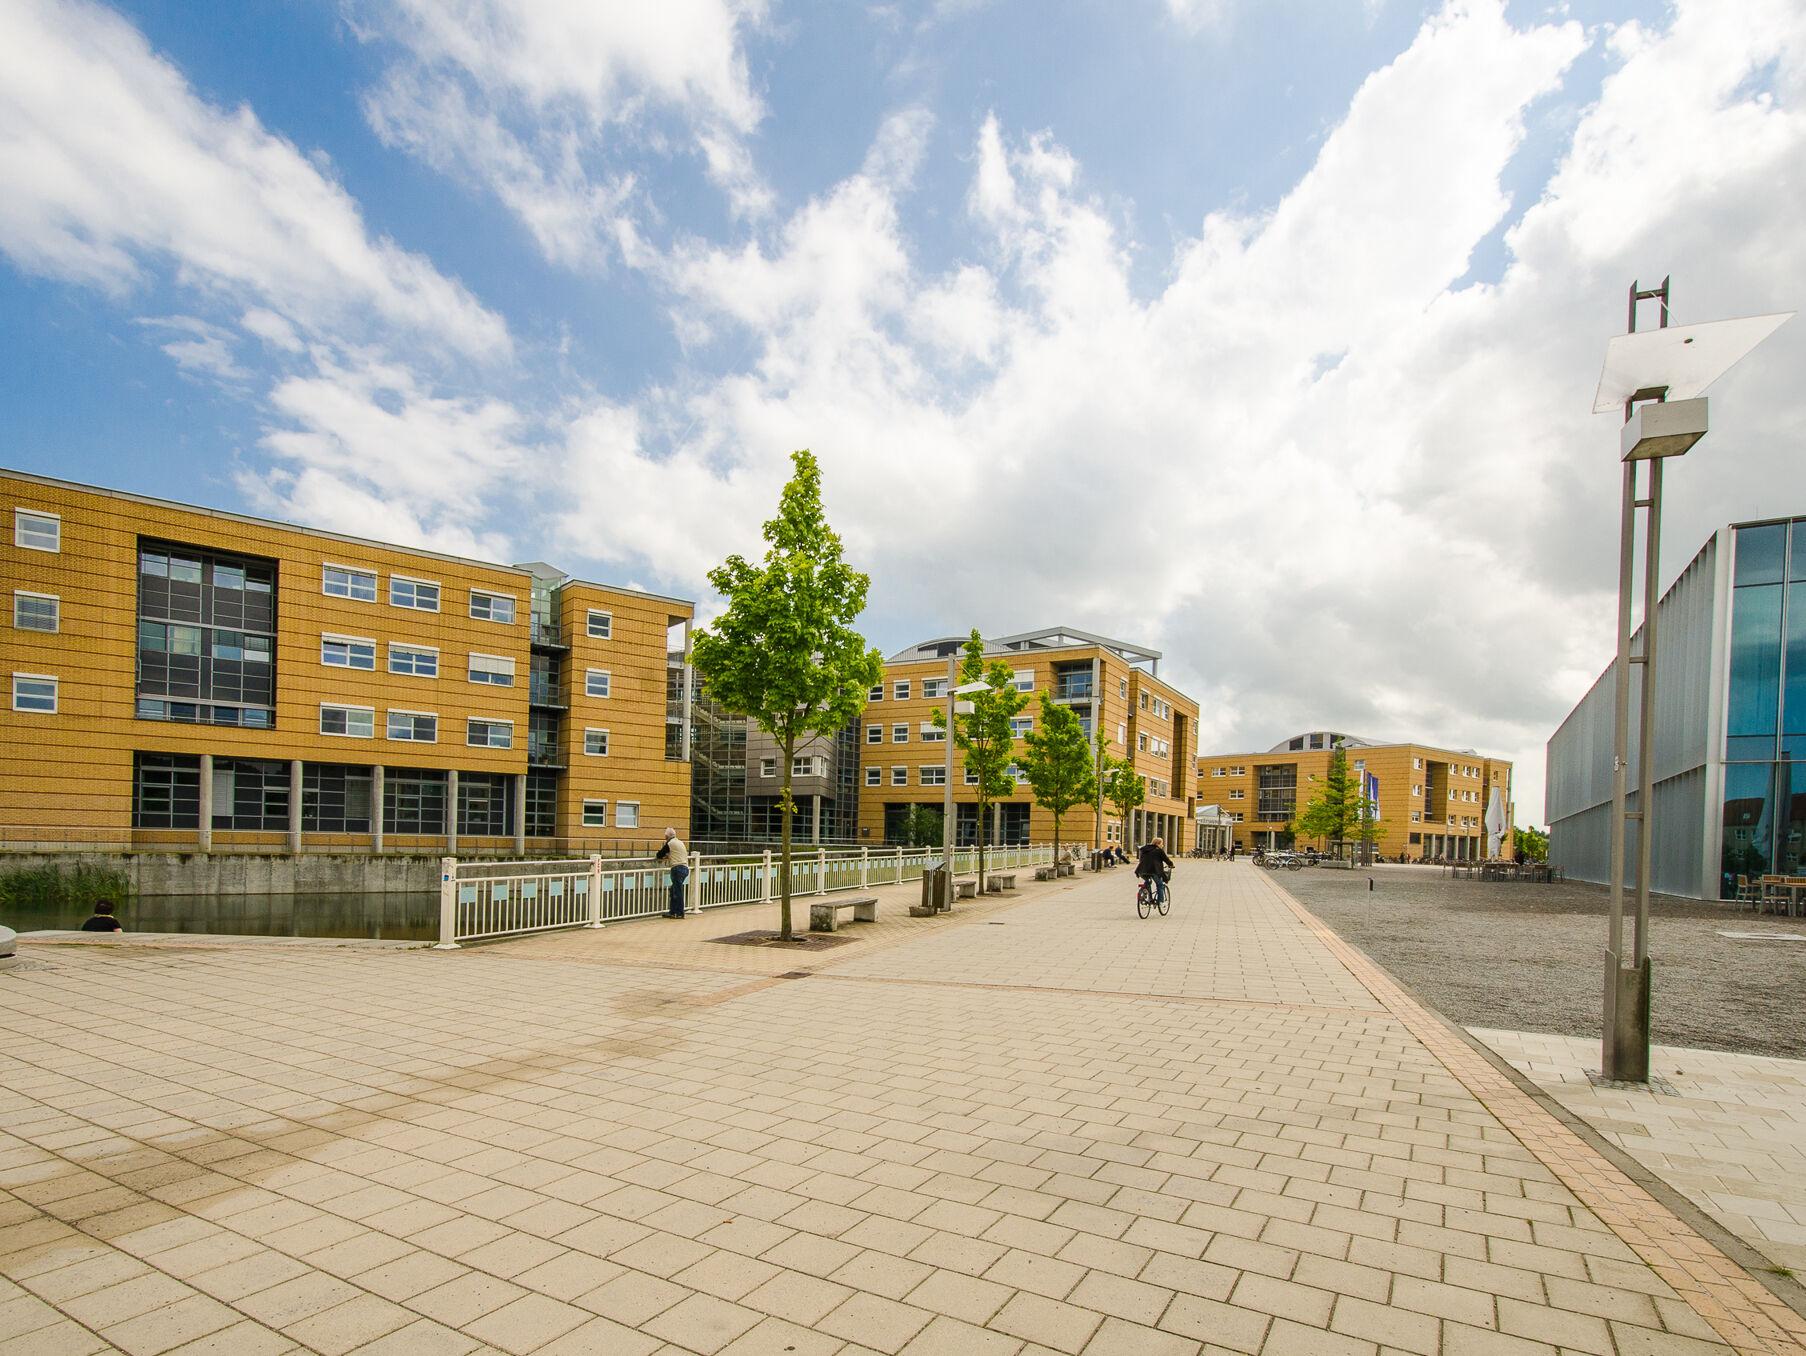 """Grundlagenforschung macht Hoffnung: """"Kein Durchbruch, aber ein wichtiger Schritt."""" - Universität Greifswald"""